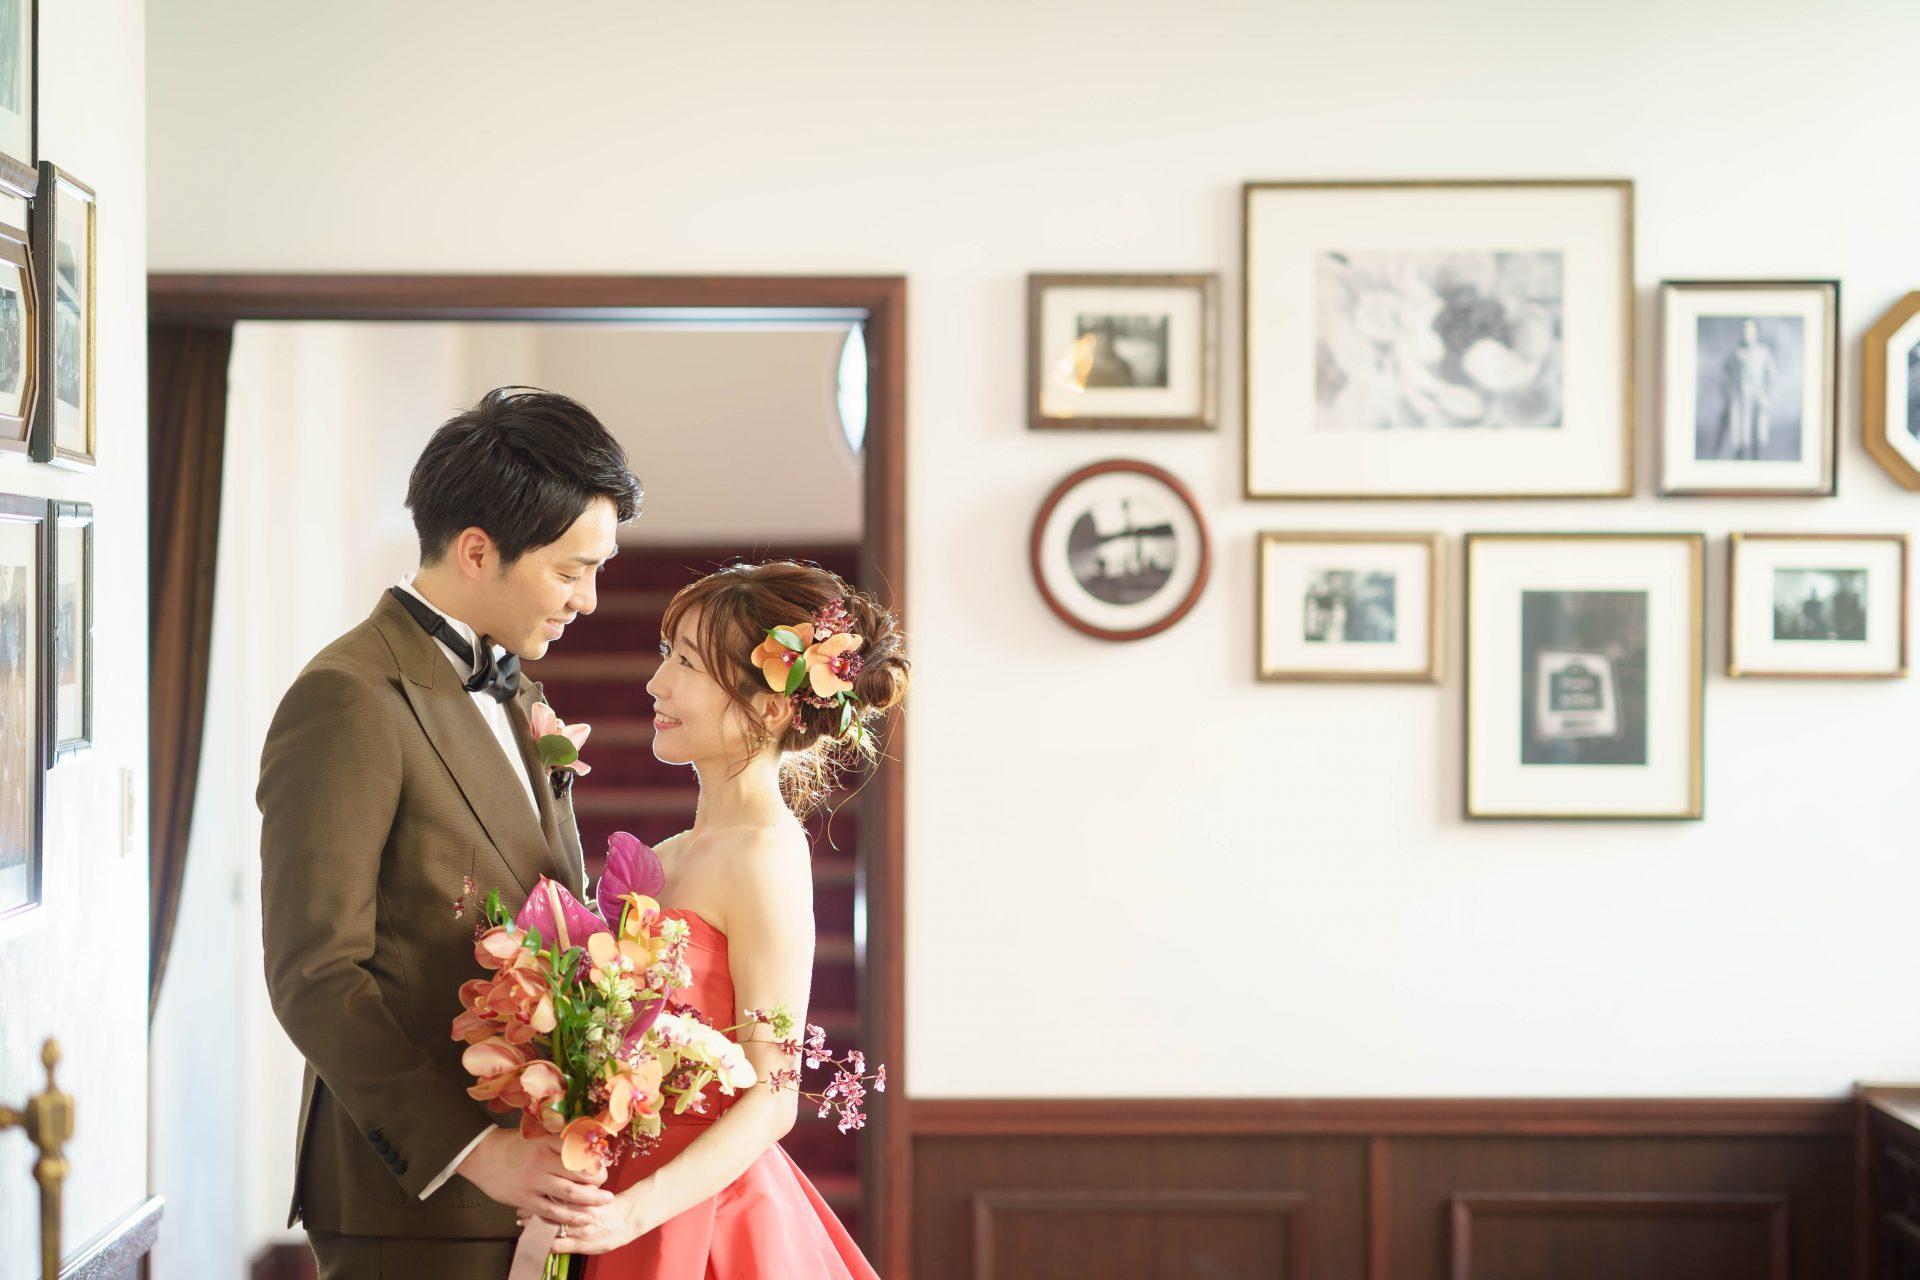 フォーチュンガーデン京都店の提携会場フォーチュンガーデン京都でお式を挙げられる方におすすめしたいモニーク・ルイリエのポピーレッドのカラードレスとブラウンのタキシード